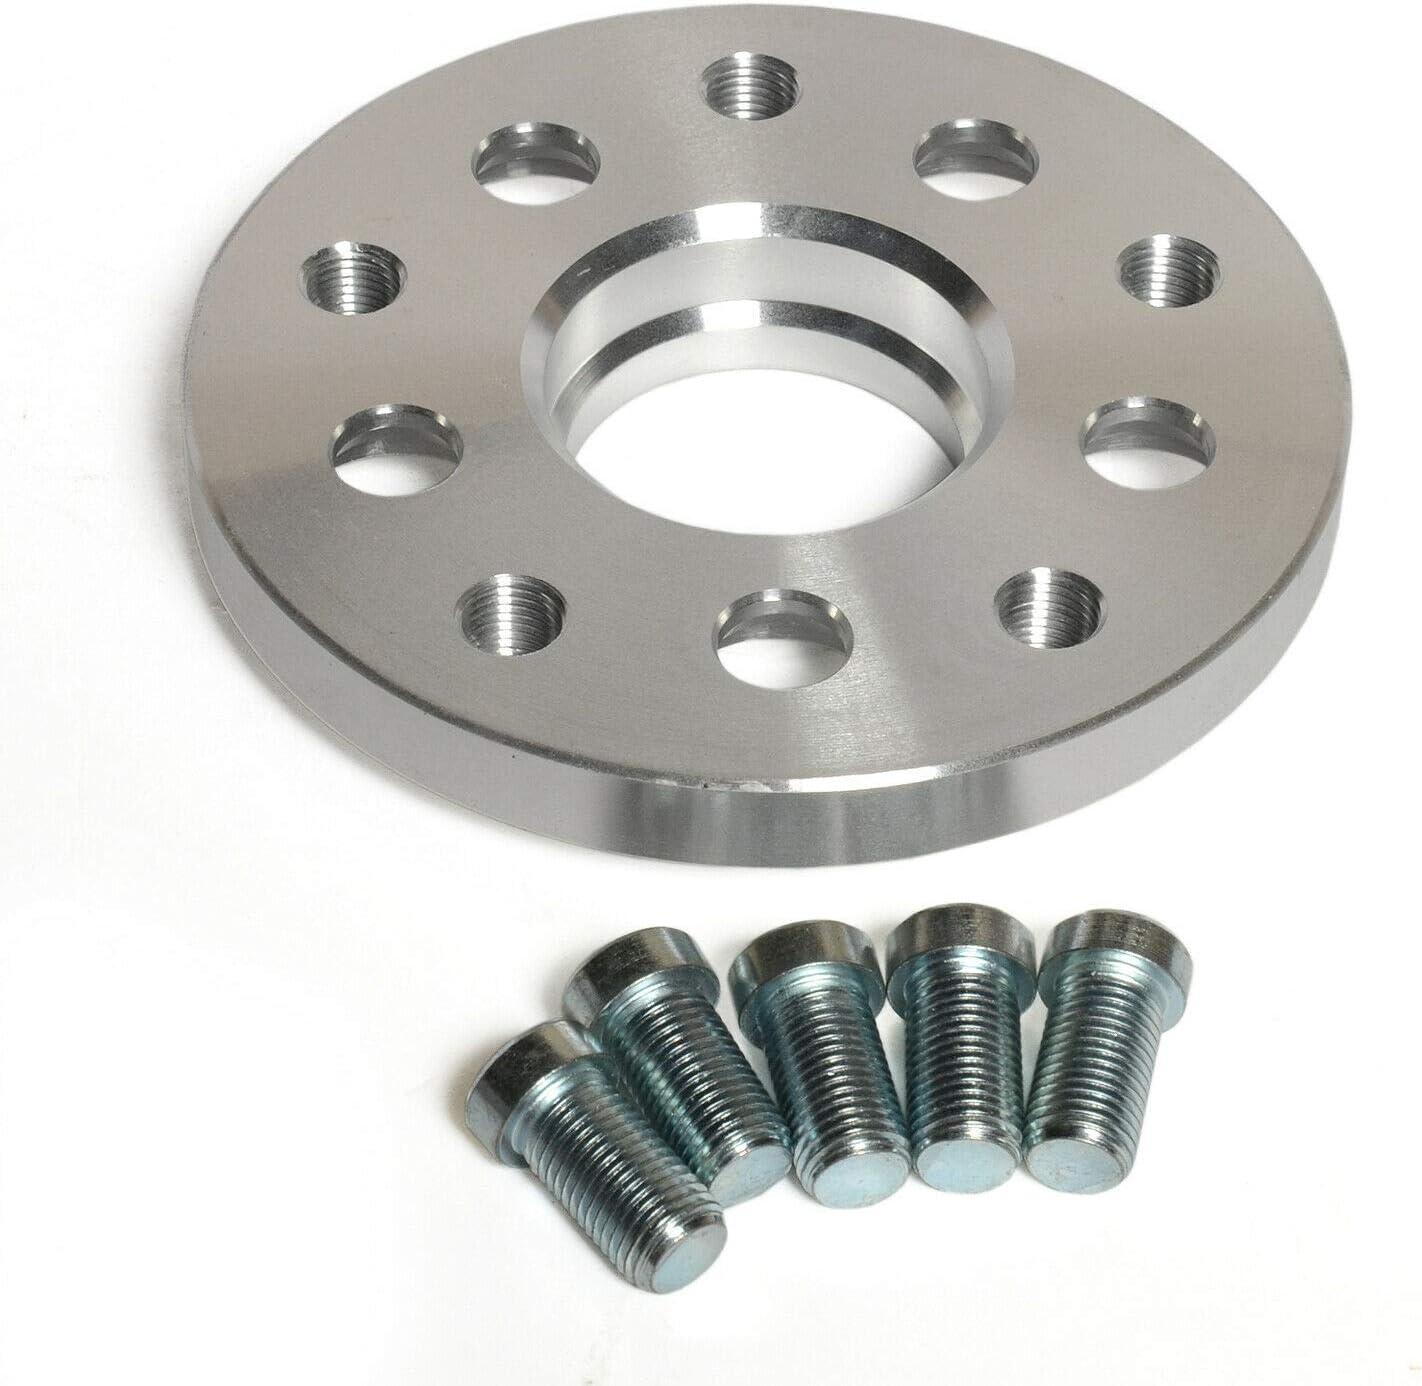 Adaptateurs PCD 5 x 100 pour roue 15 mm